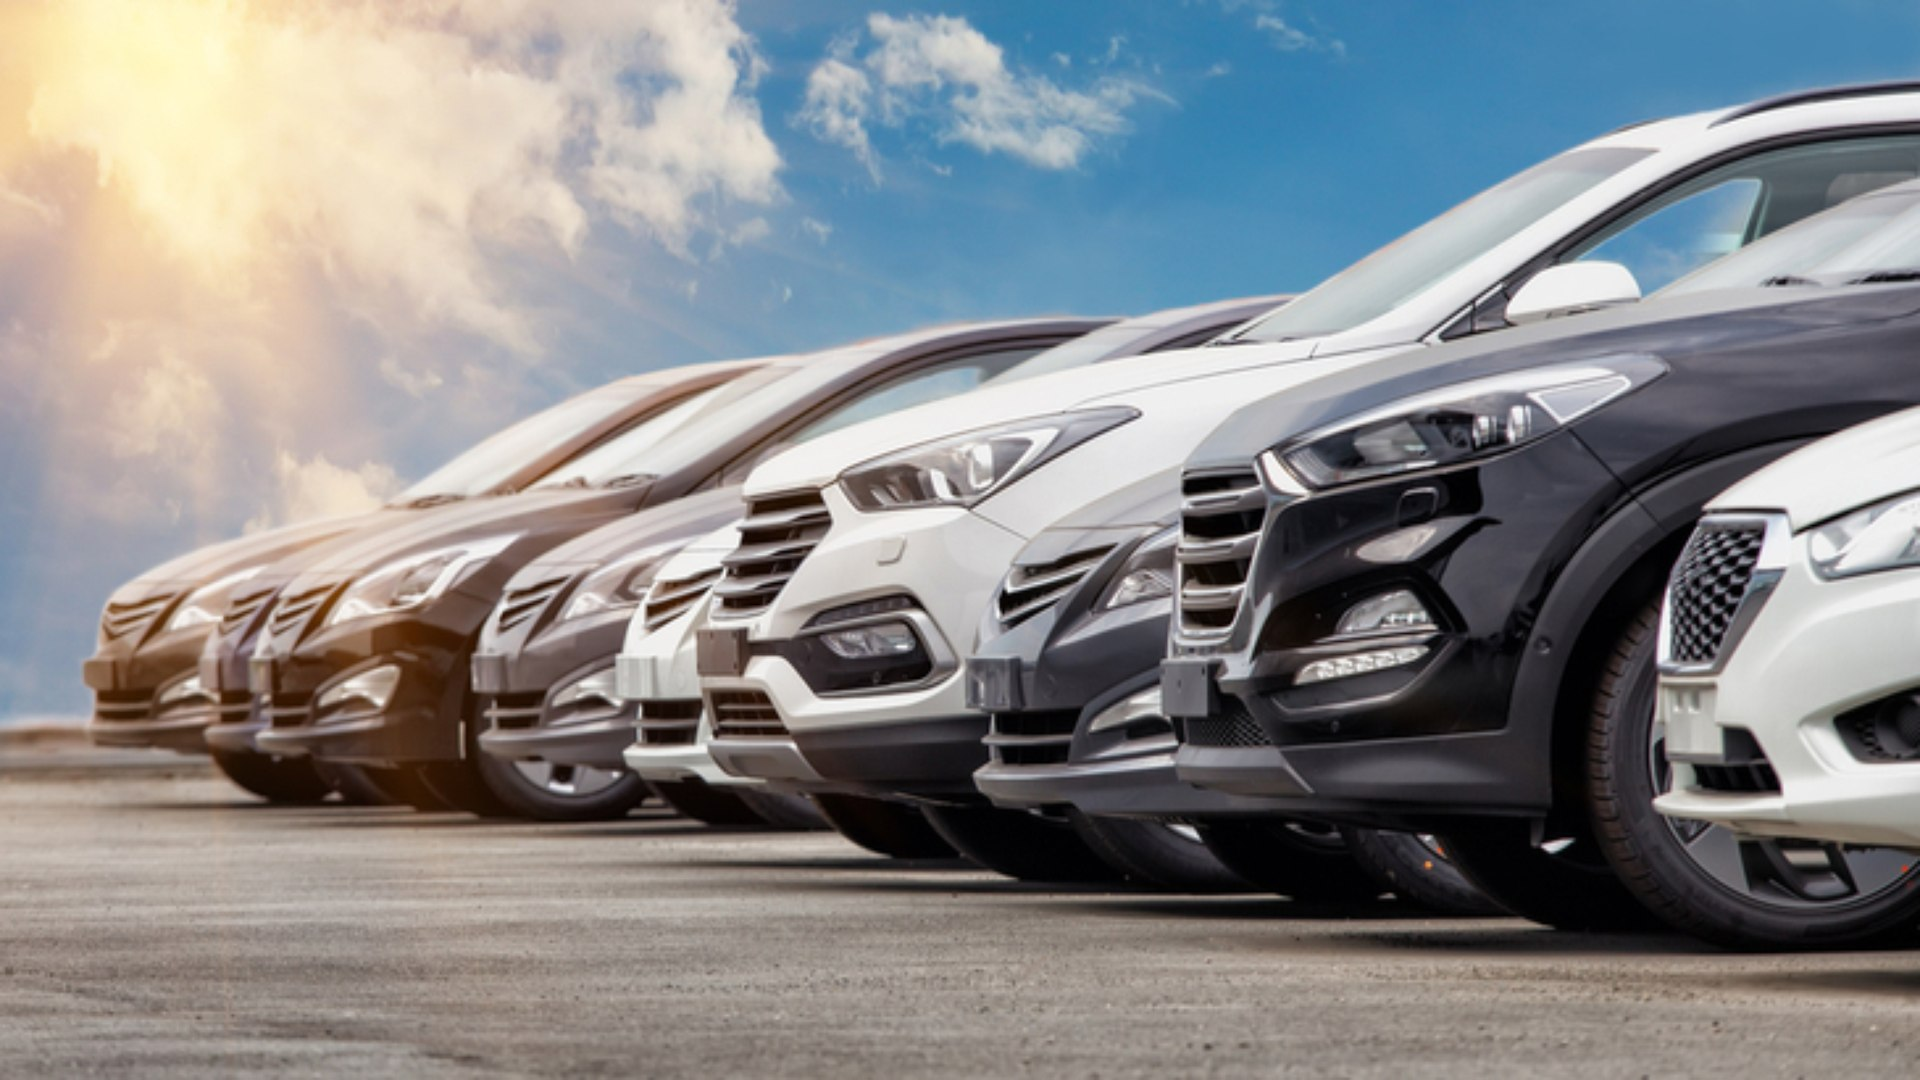 Incidência de ICMS sobre venda de automóveis com menos de um ano por locadoras é constitucional